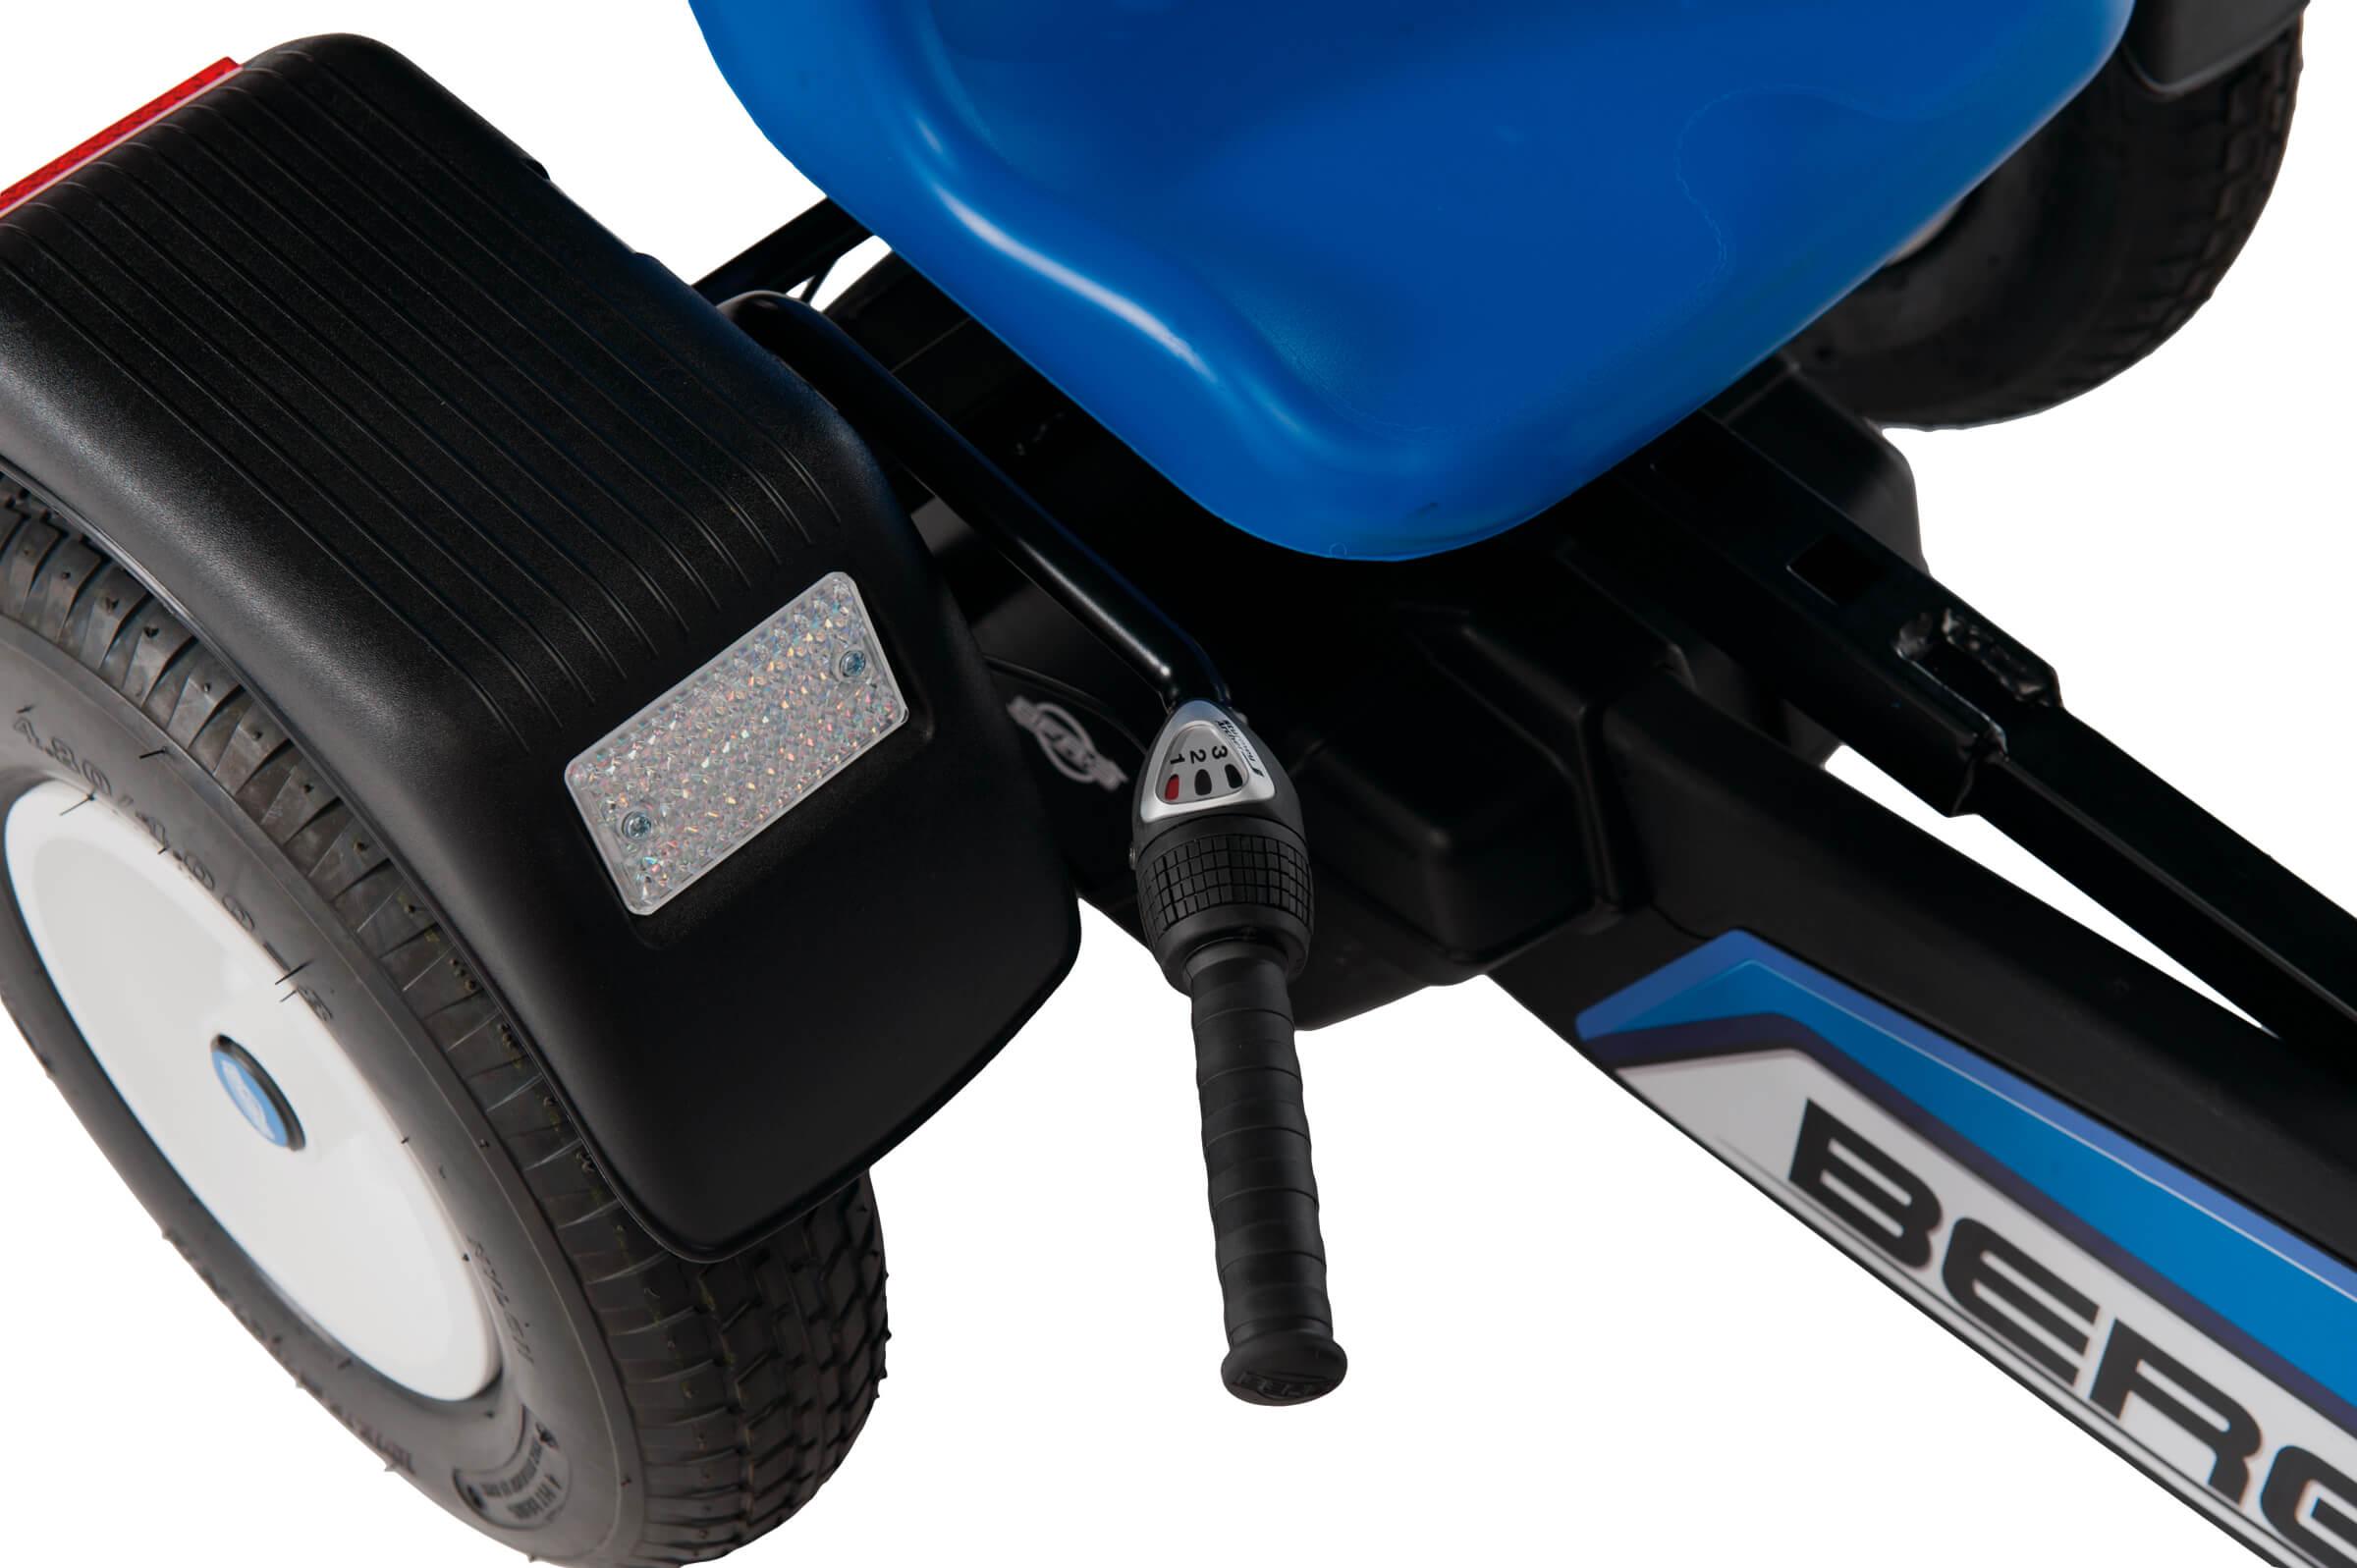 bfr oder bfr-3 technik - ratgeber - berg pedal-gokart - begriff - tipps